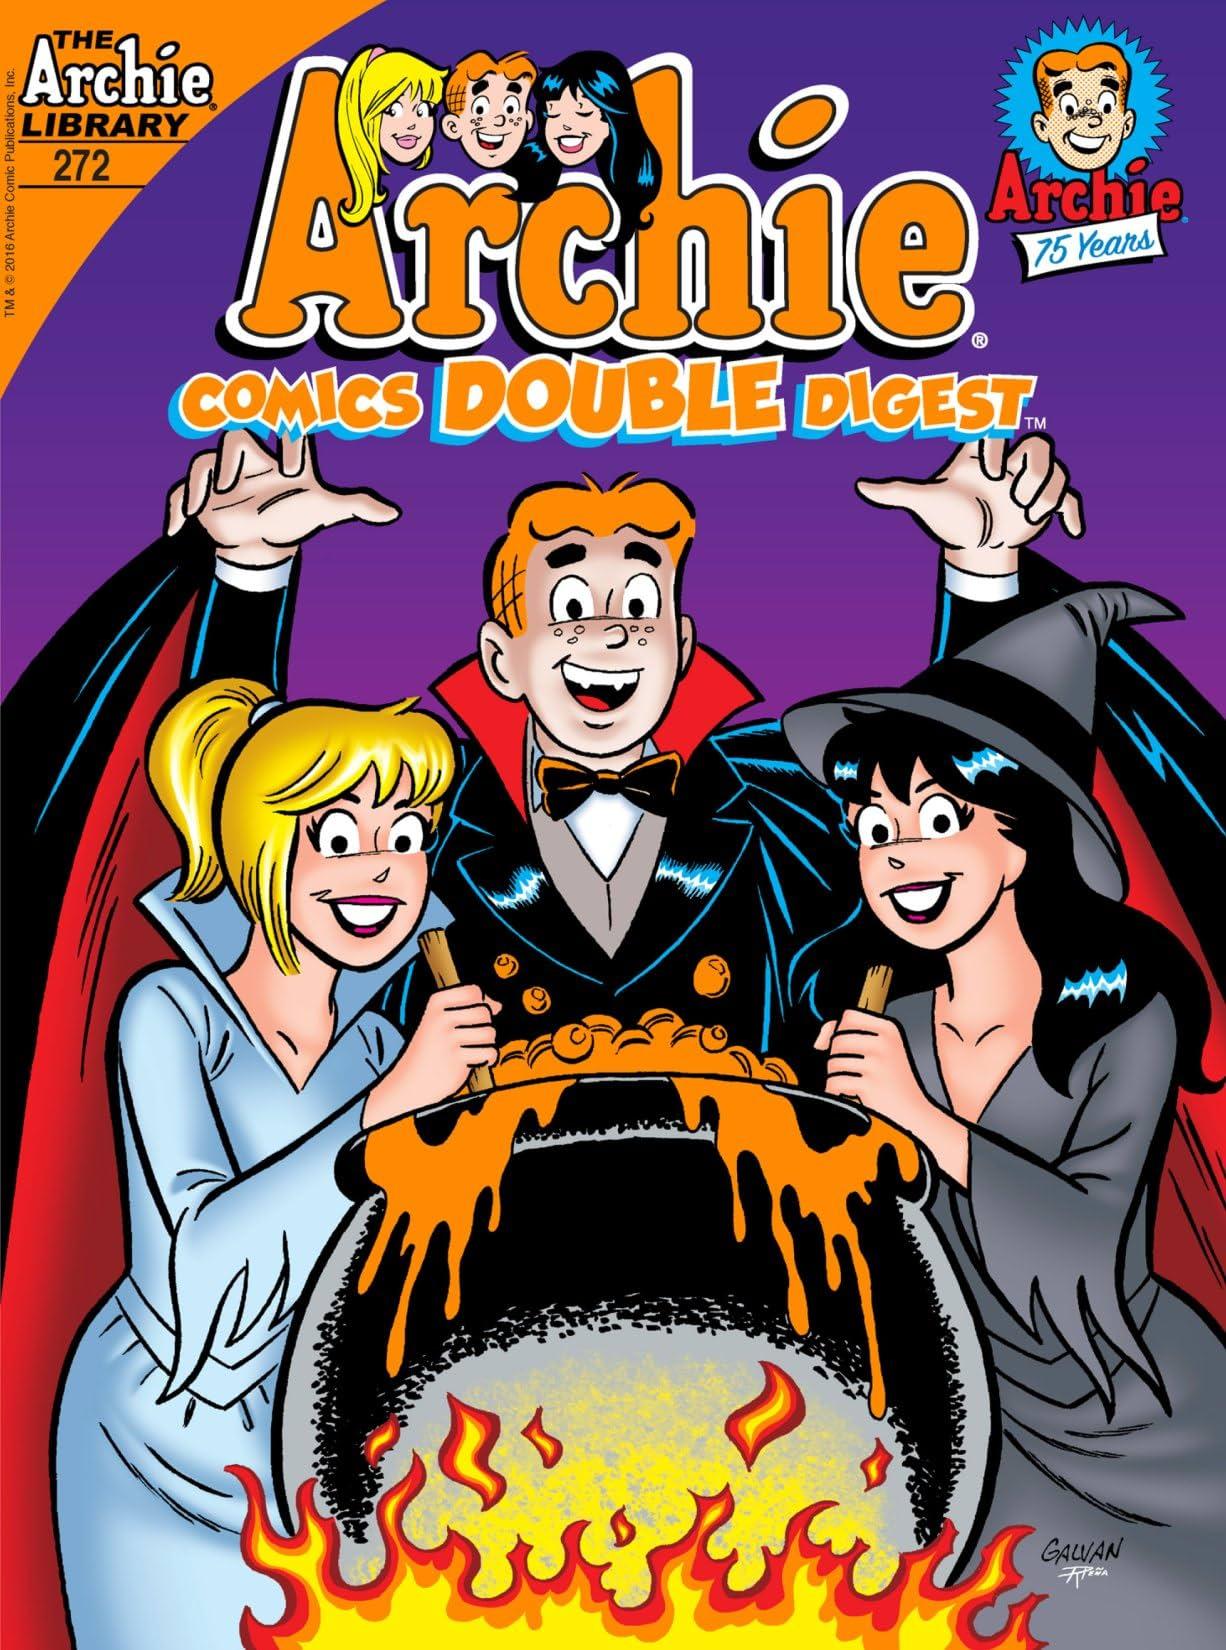 Archie Comics Double Digest #272